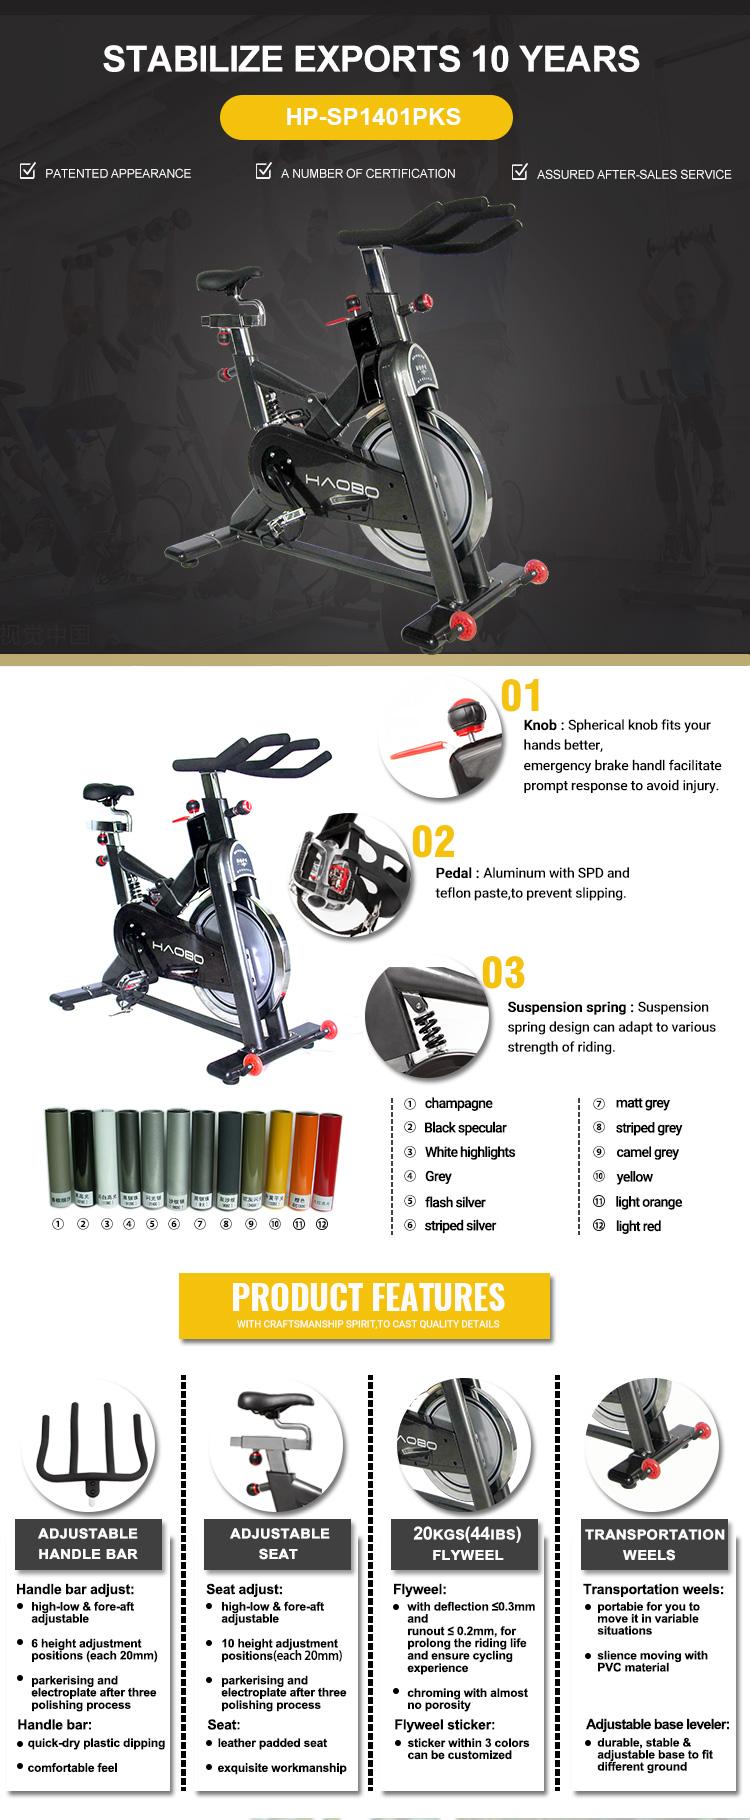 Fábrica corpo balanço forte bicicleta de giro Comercial, equipamentos de ginástica ciclo de centrifugação